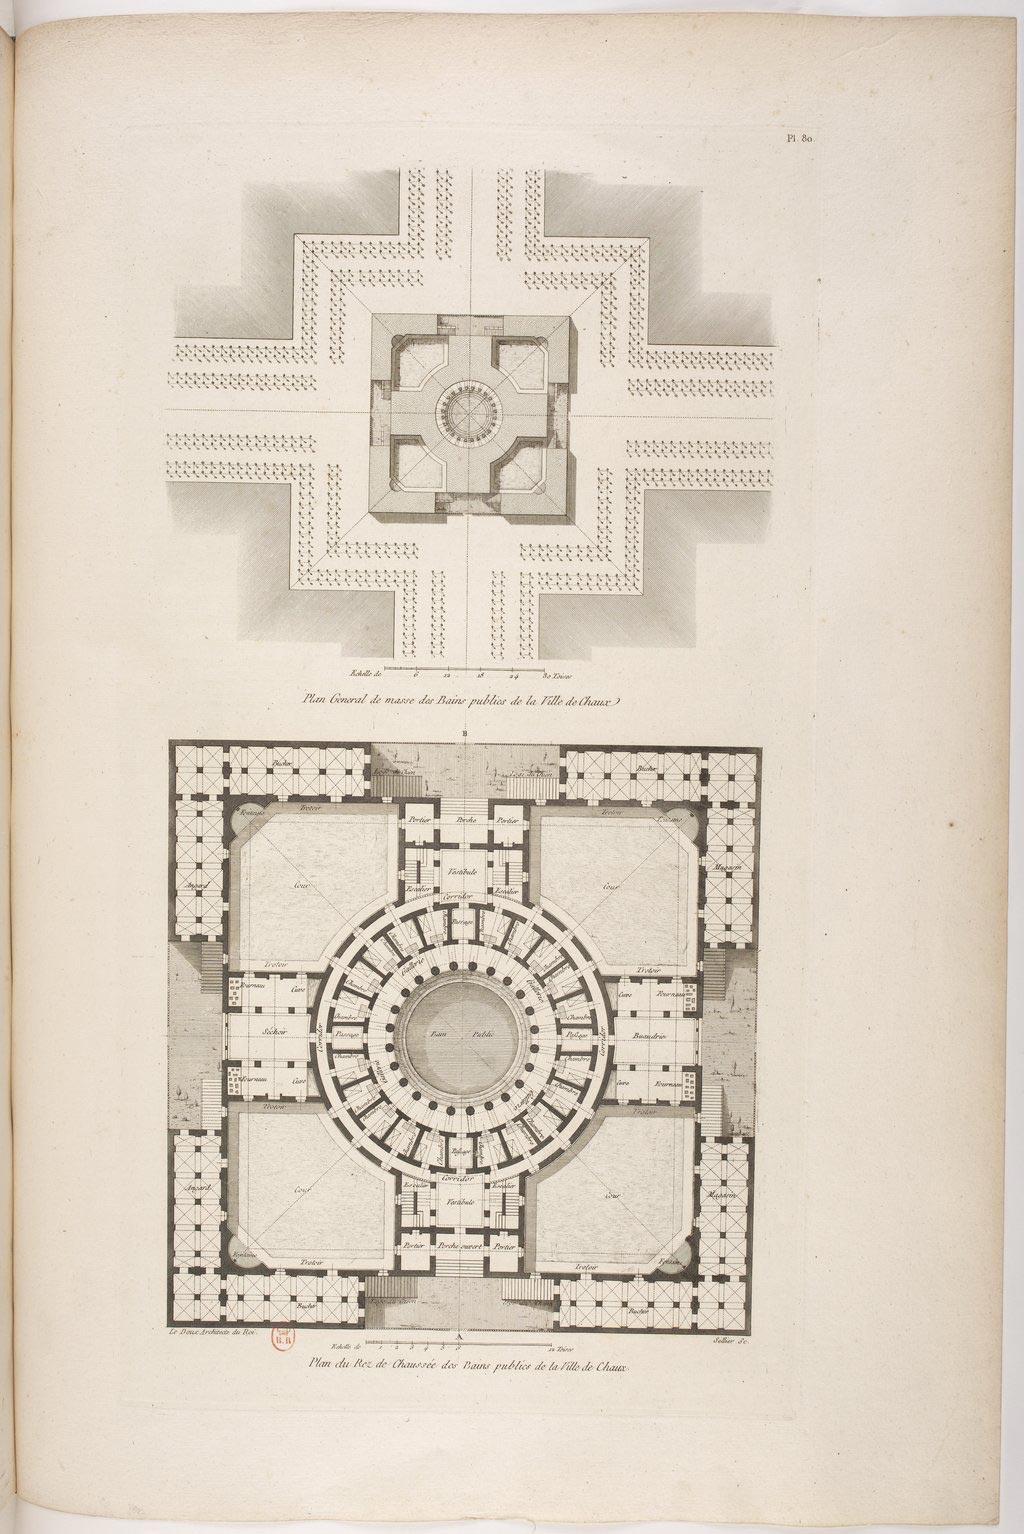 ledoux-claude-architecture-395